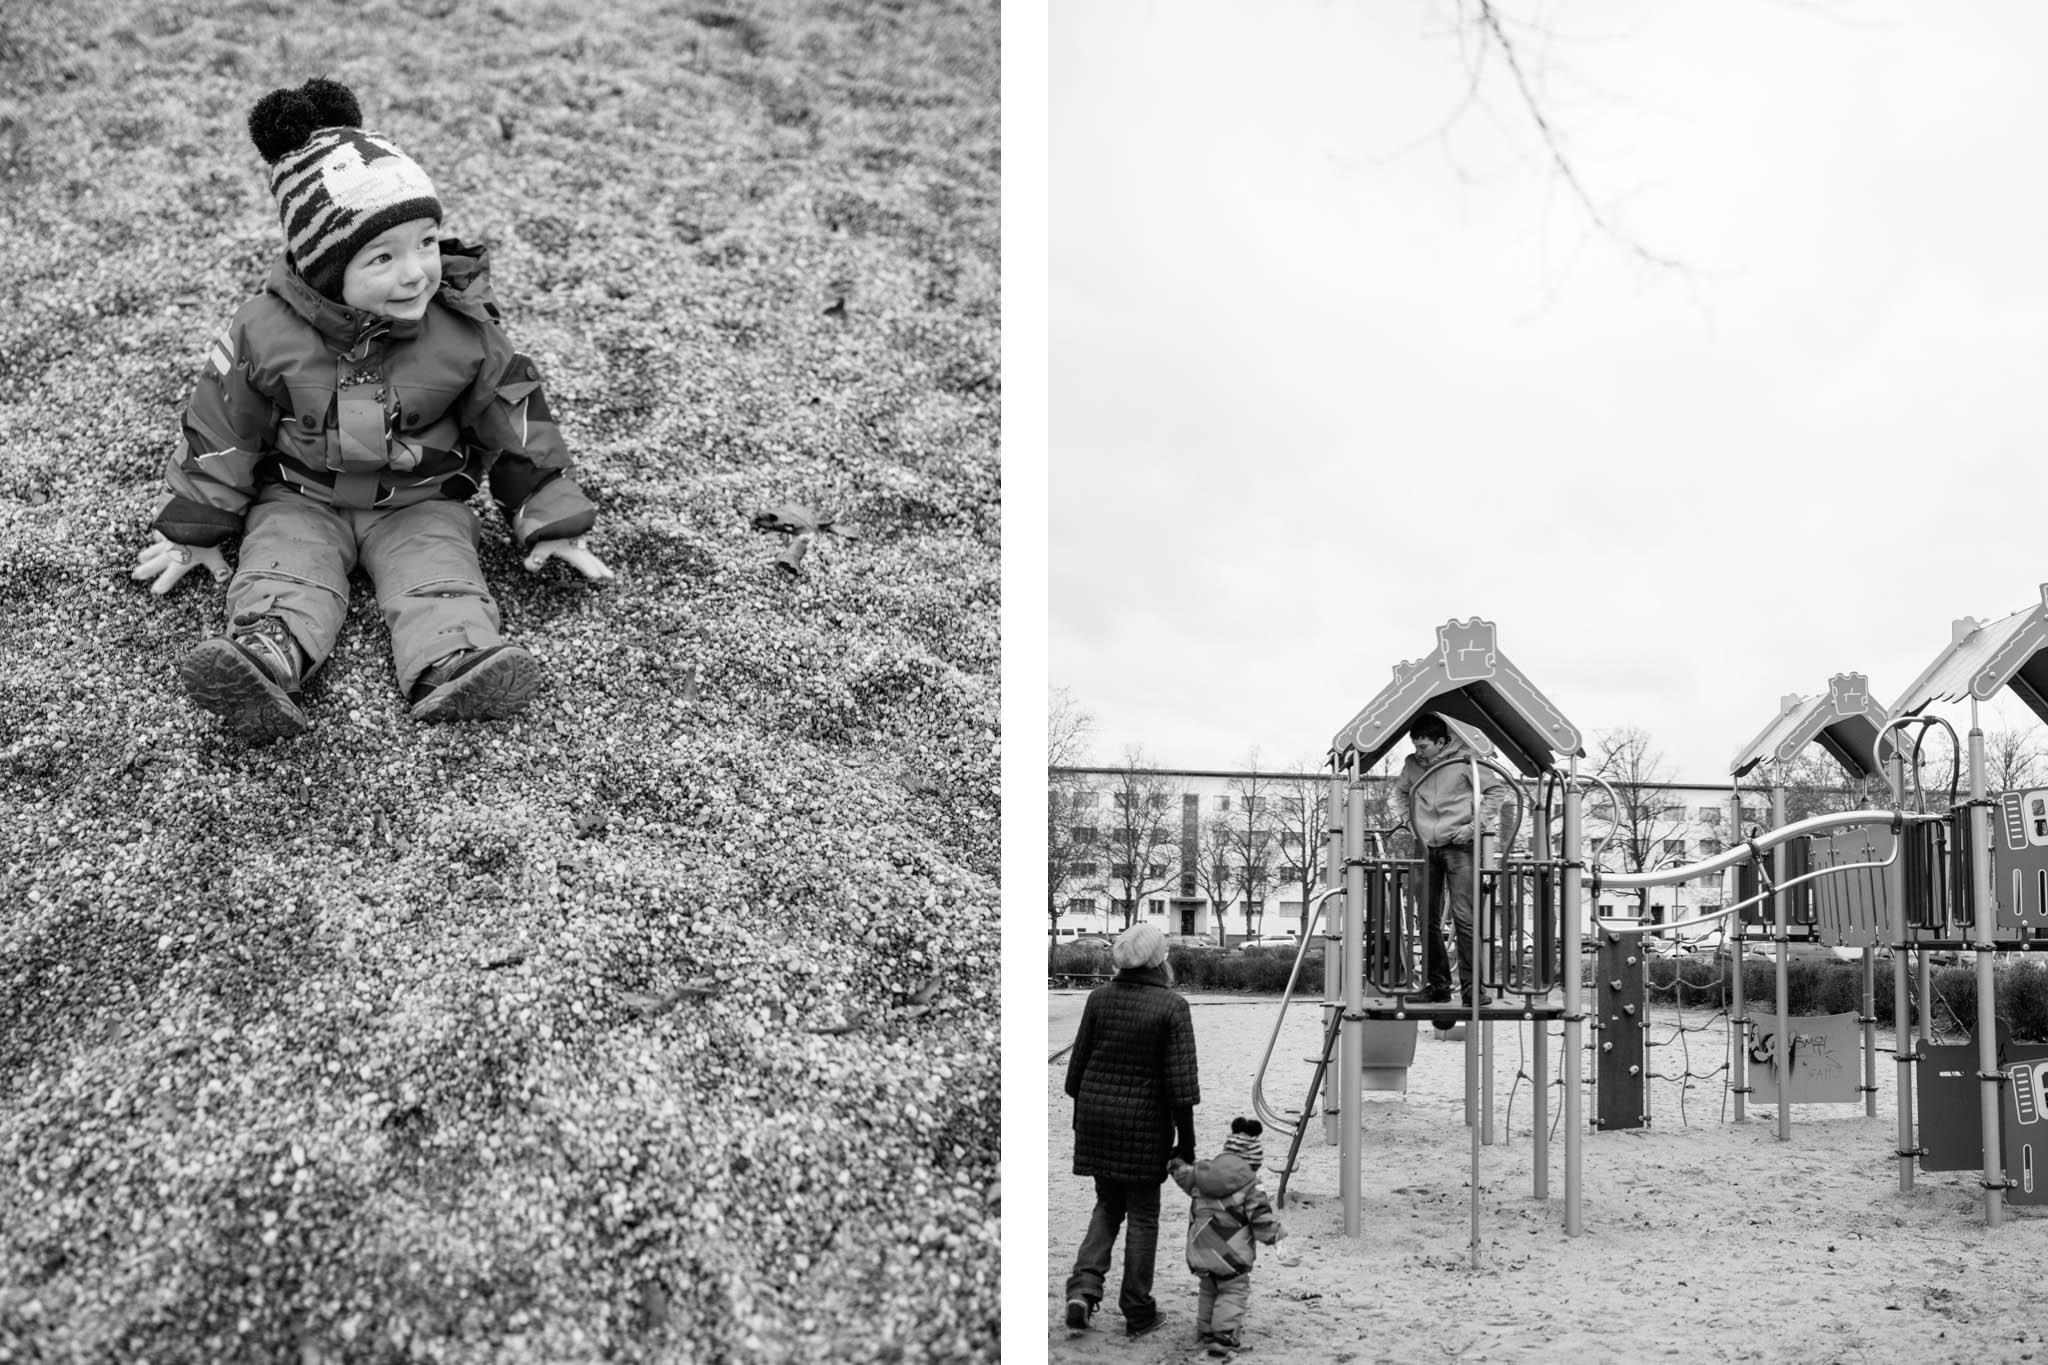 familienportraet-spielplatz-reportage-berlin